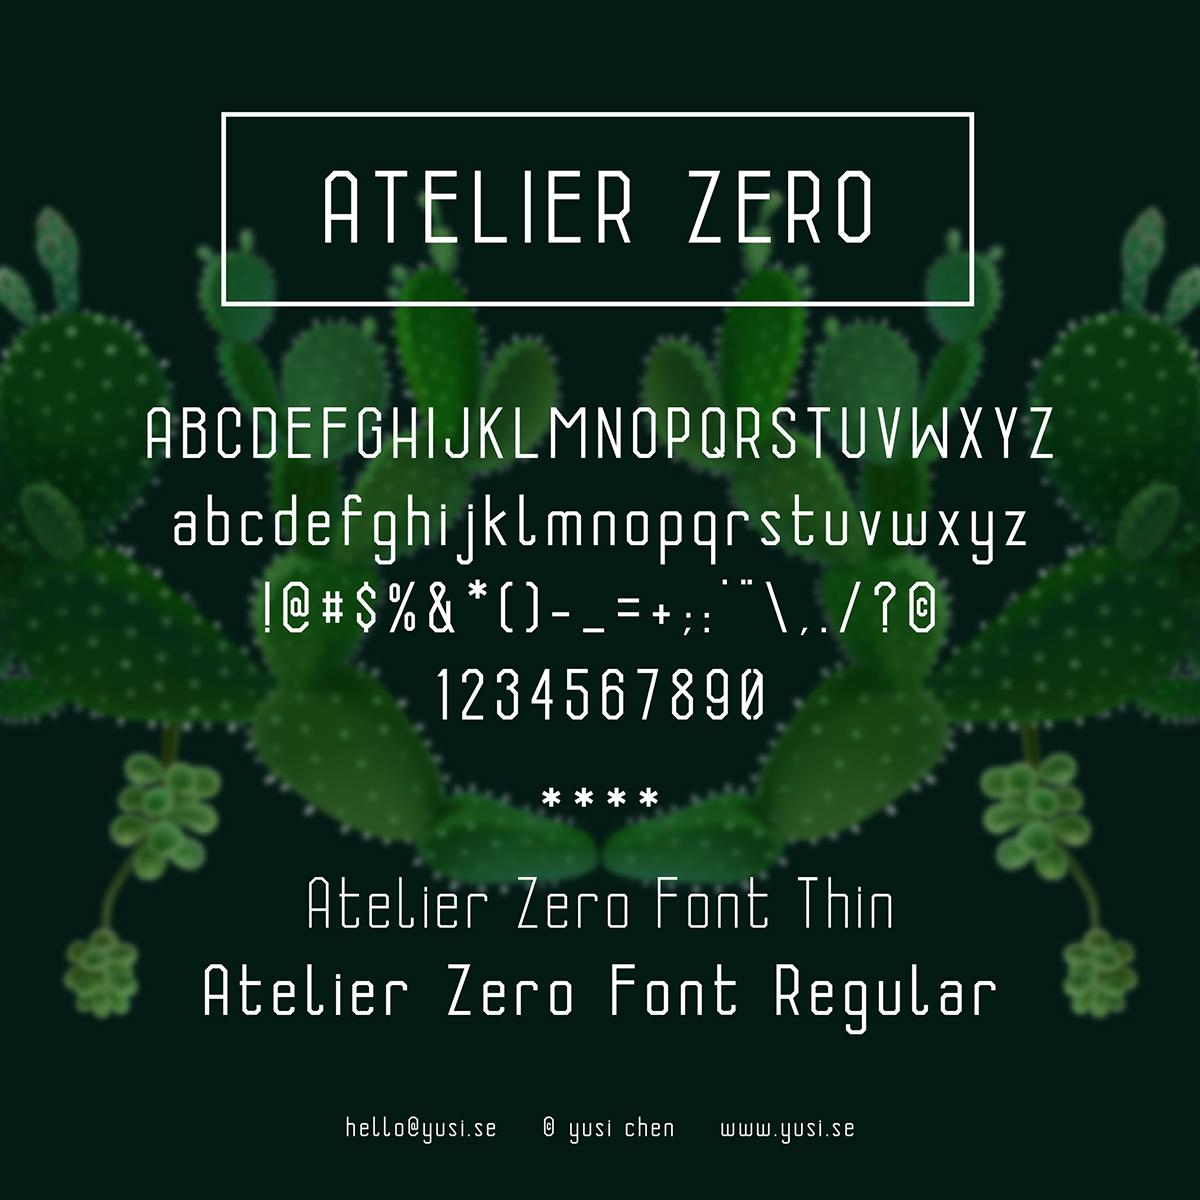 Atelier Zero Font